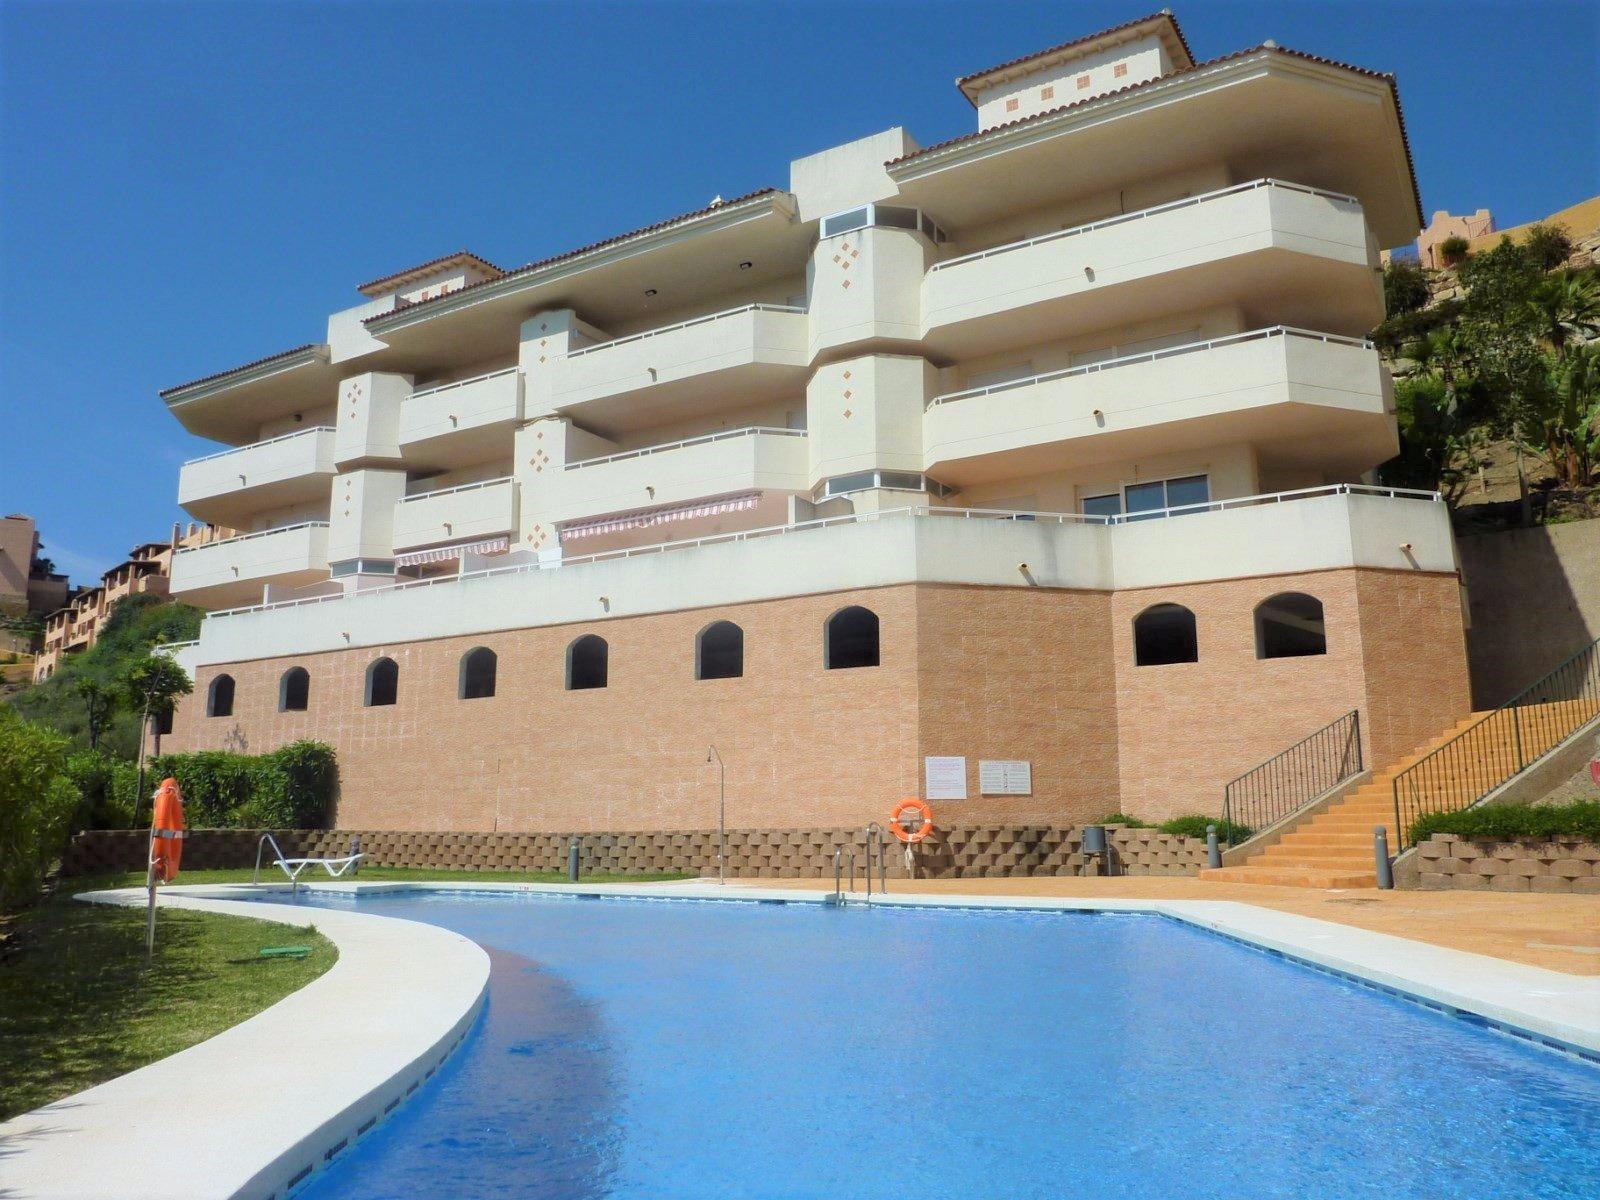 aaa2 bedroom Apartment in Calahonda, Mijas | M359074